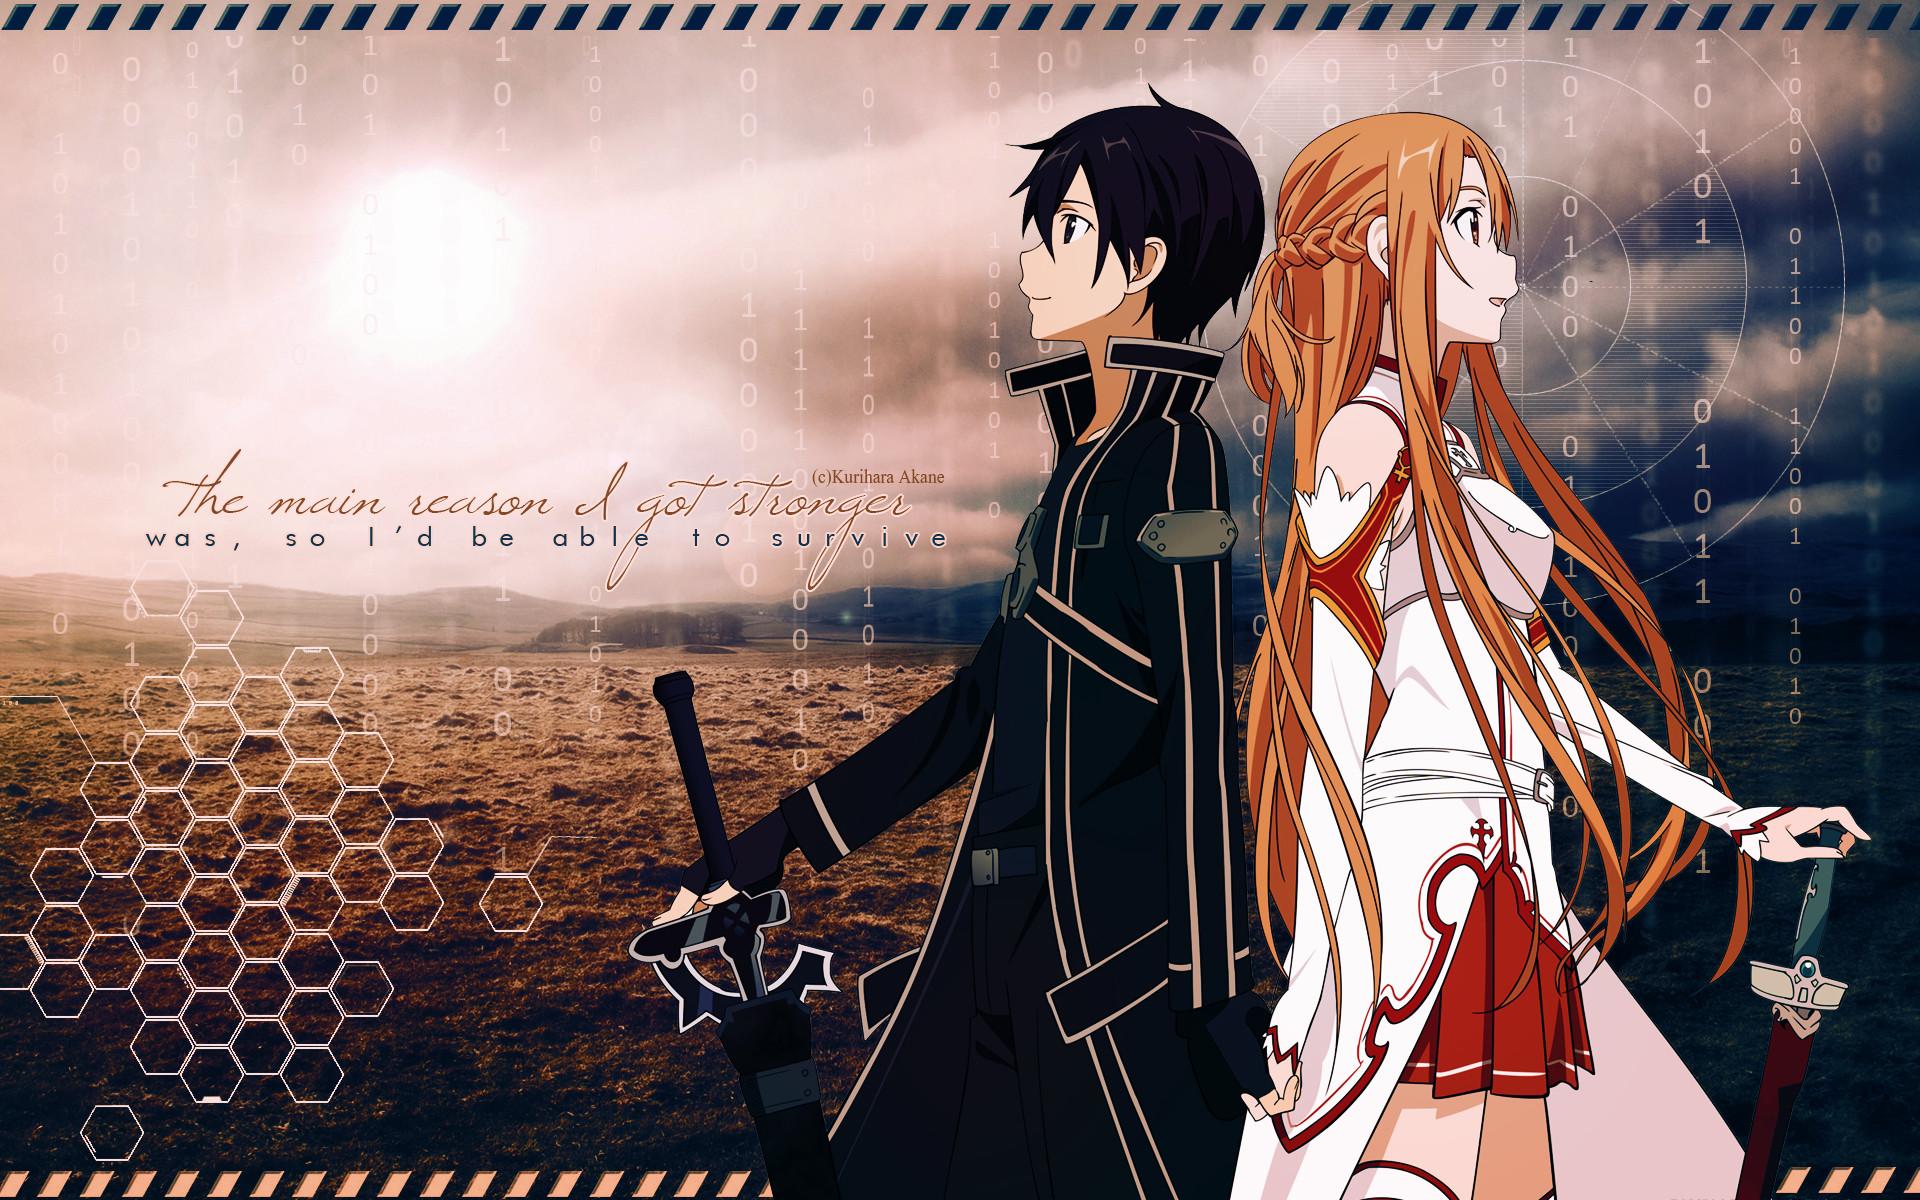 Sword Art Online Wallpaper Kirito And Asuna